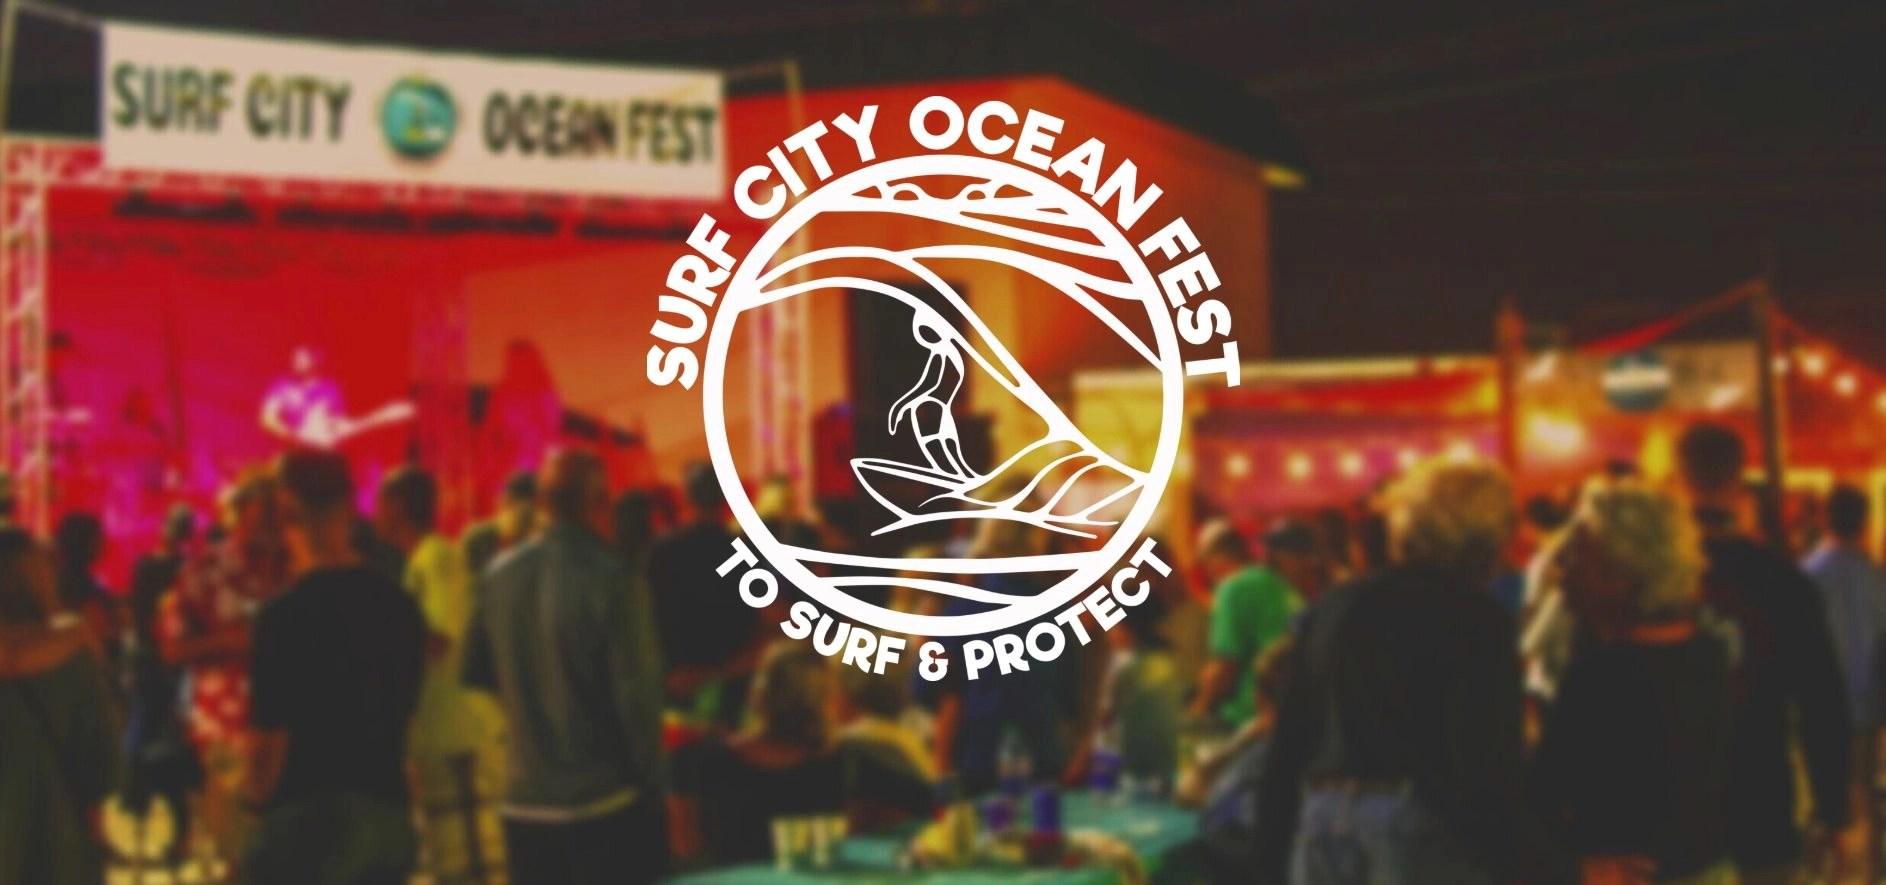 surf city ocean fest